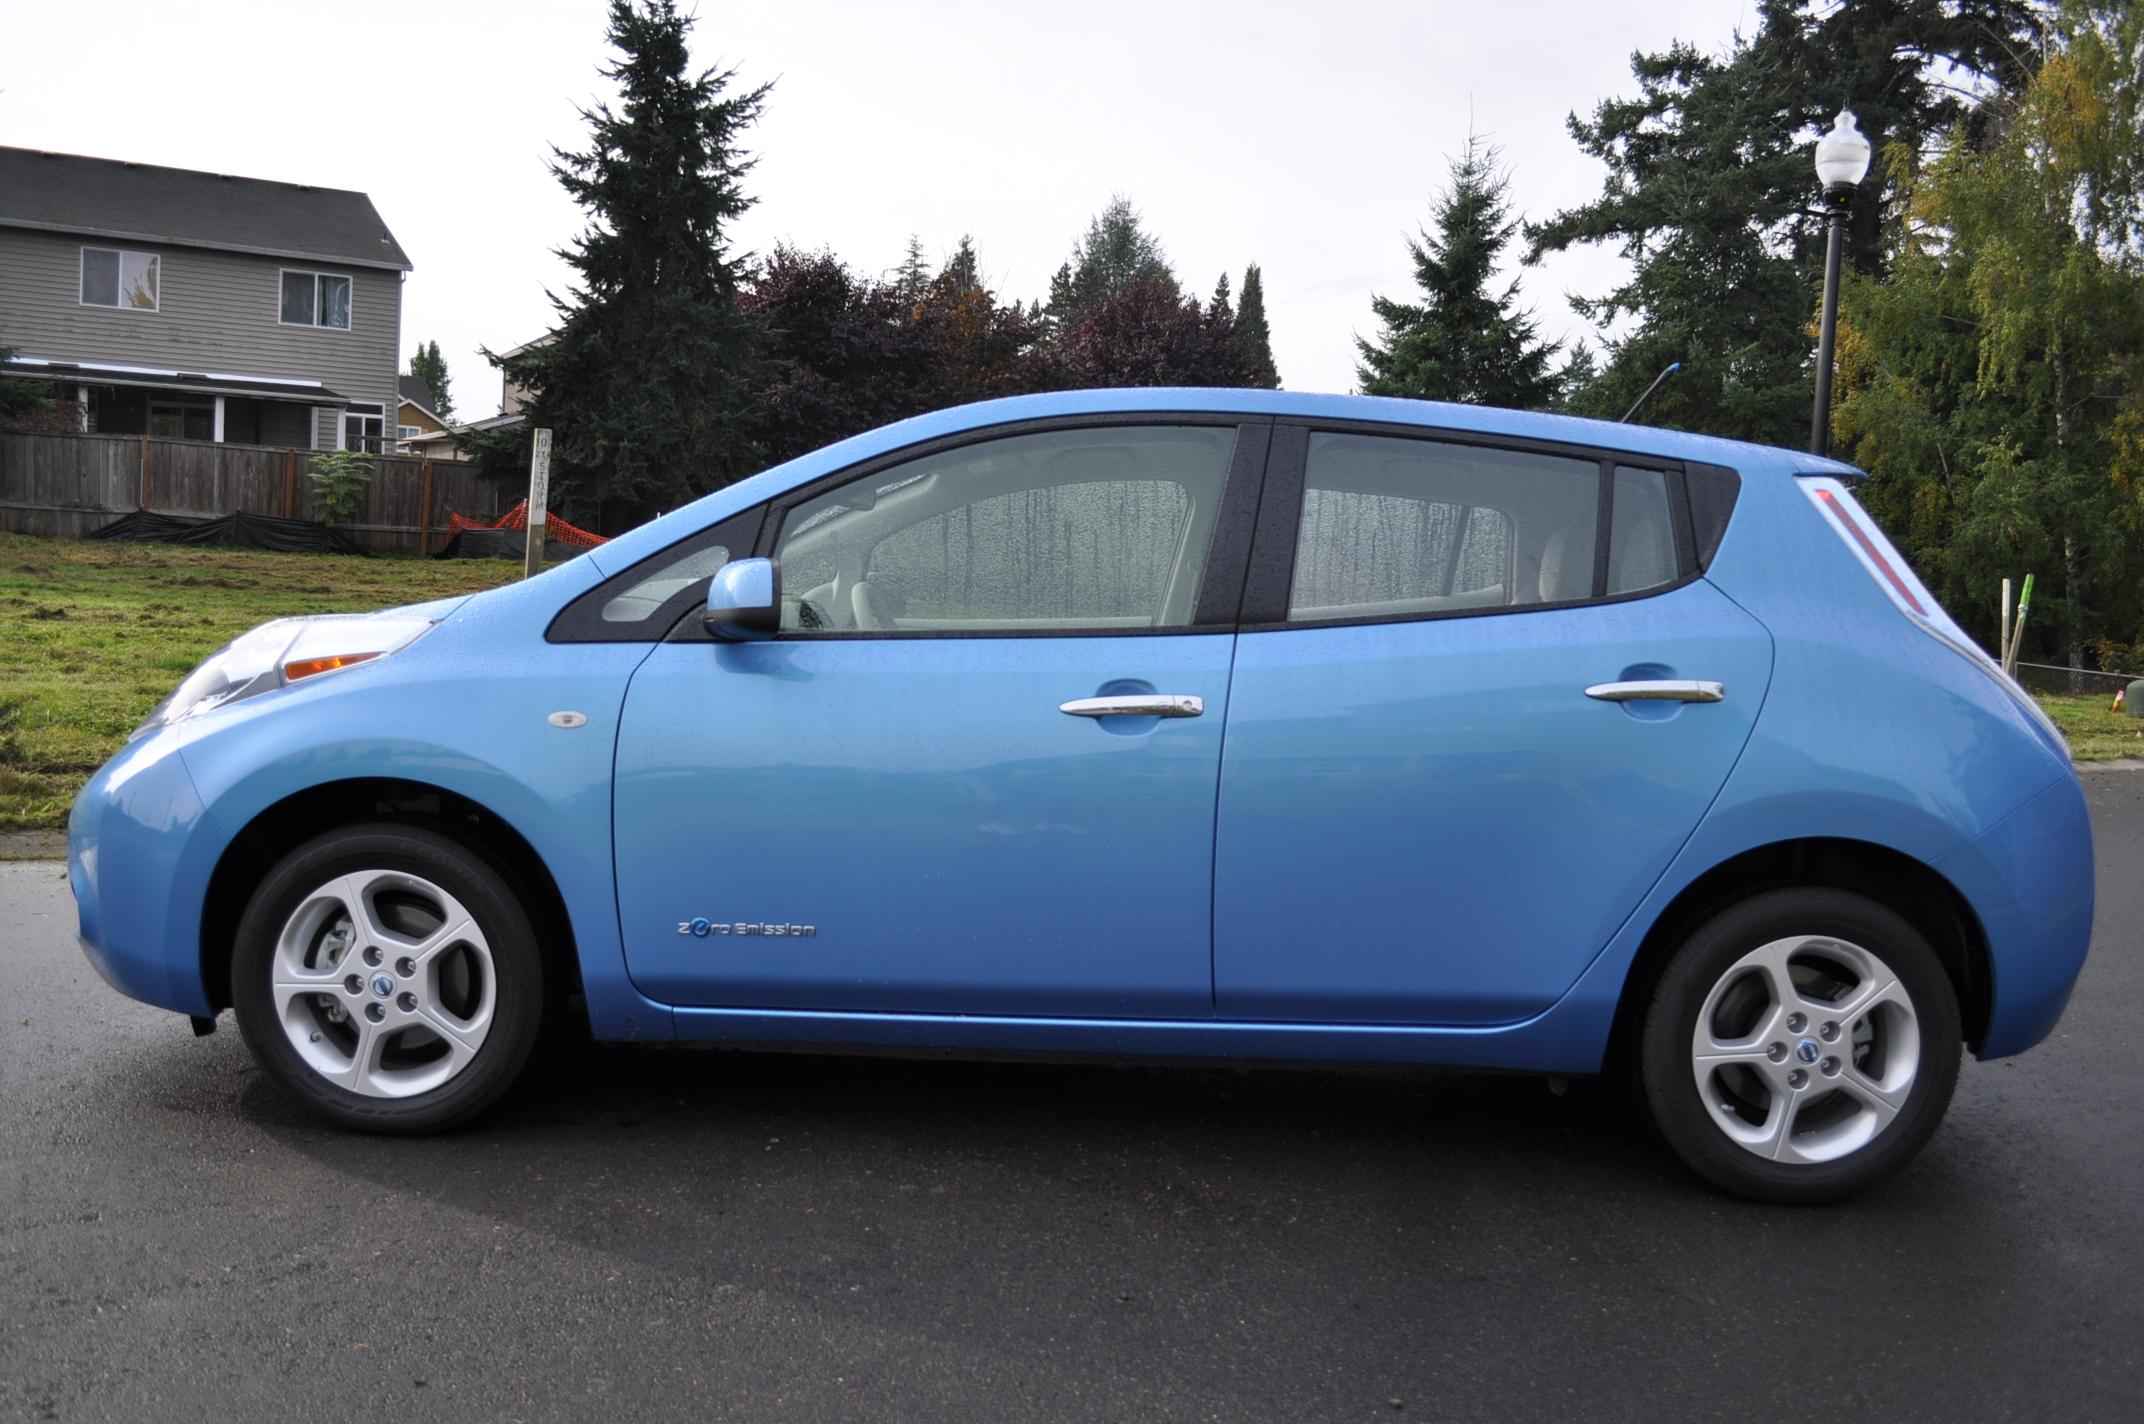 u s sales of the nissan leaf electric car now over 10 000. Black Bedroom Furniture Sets. Home Design Ideas